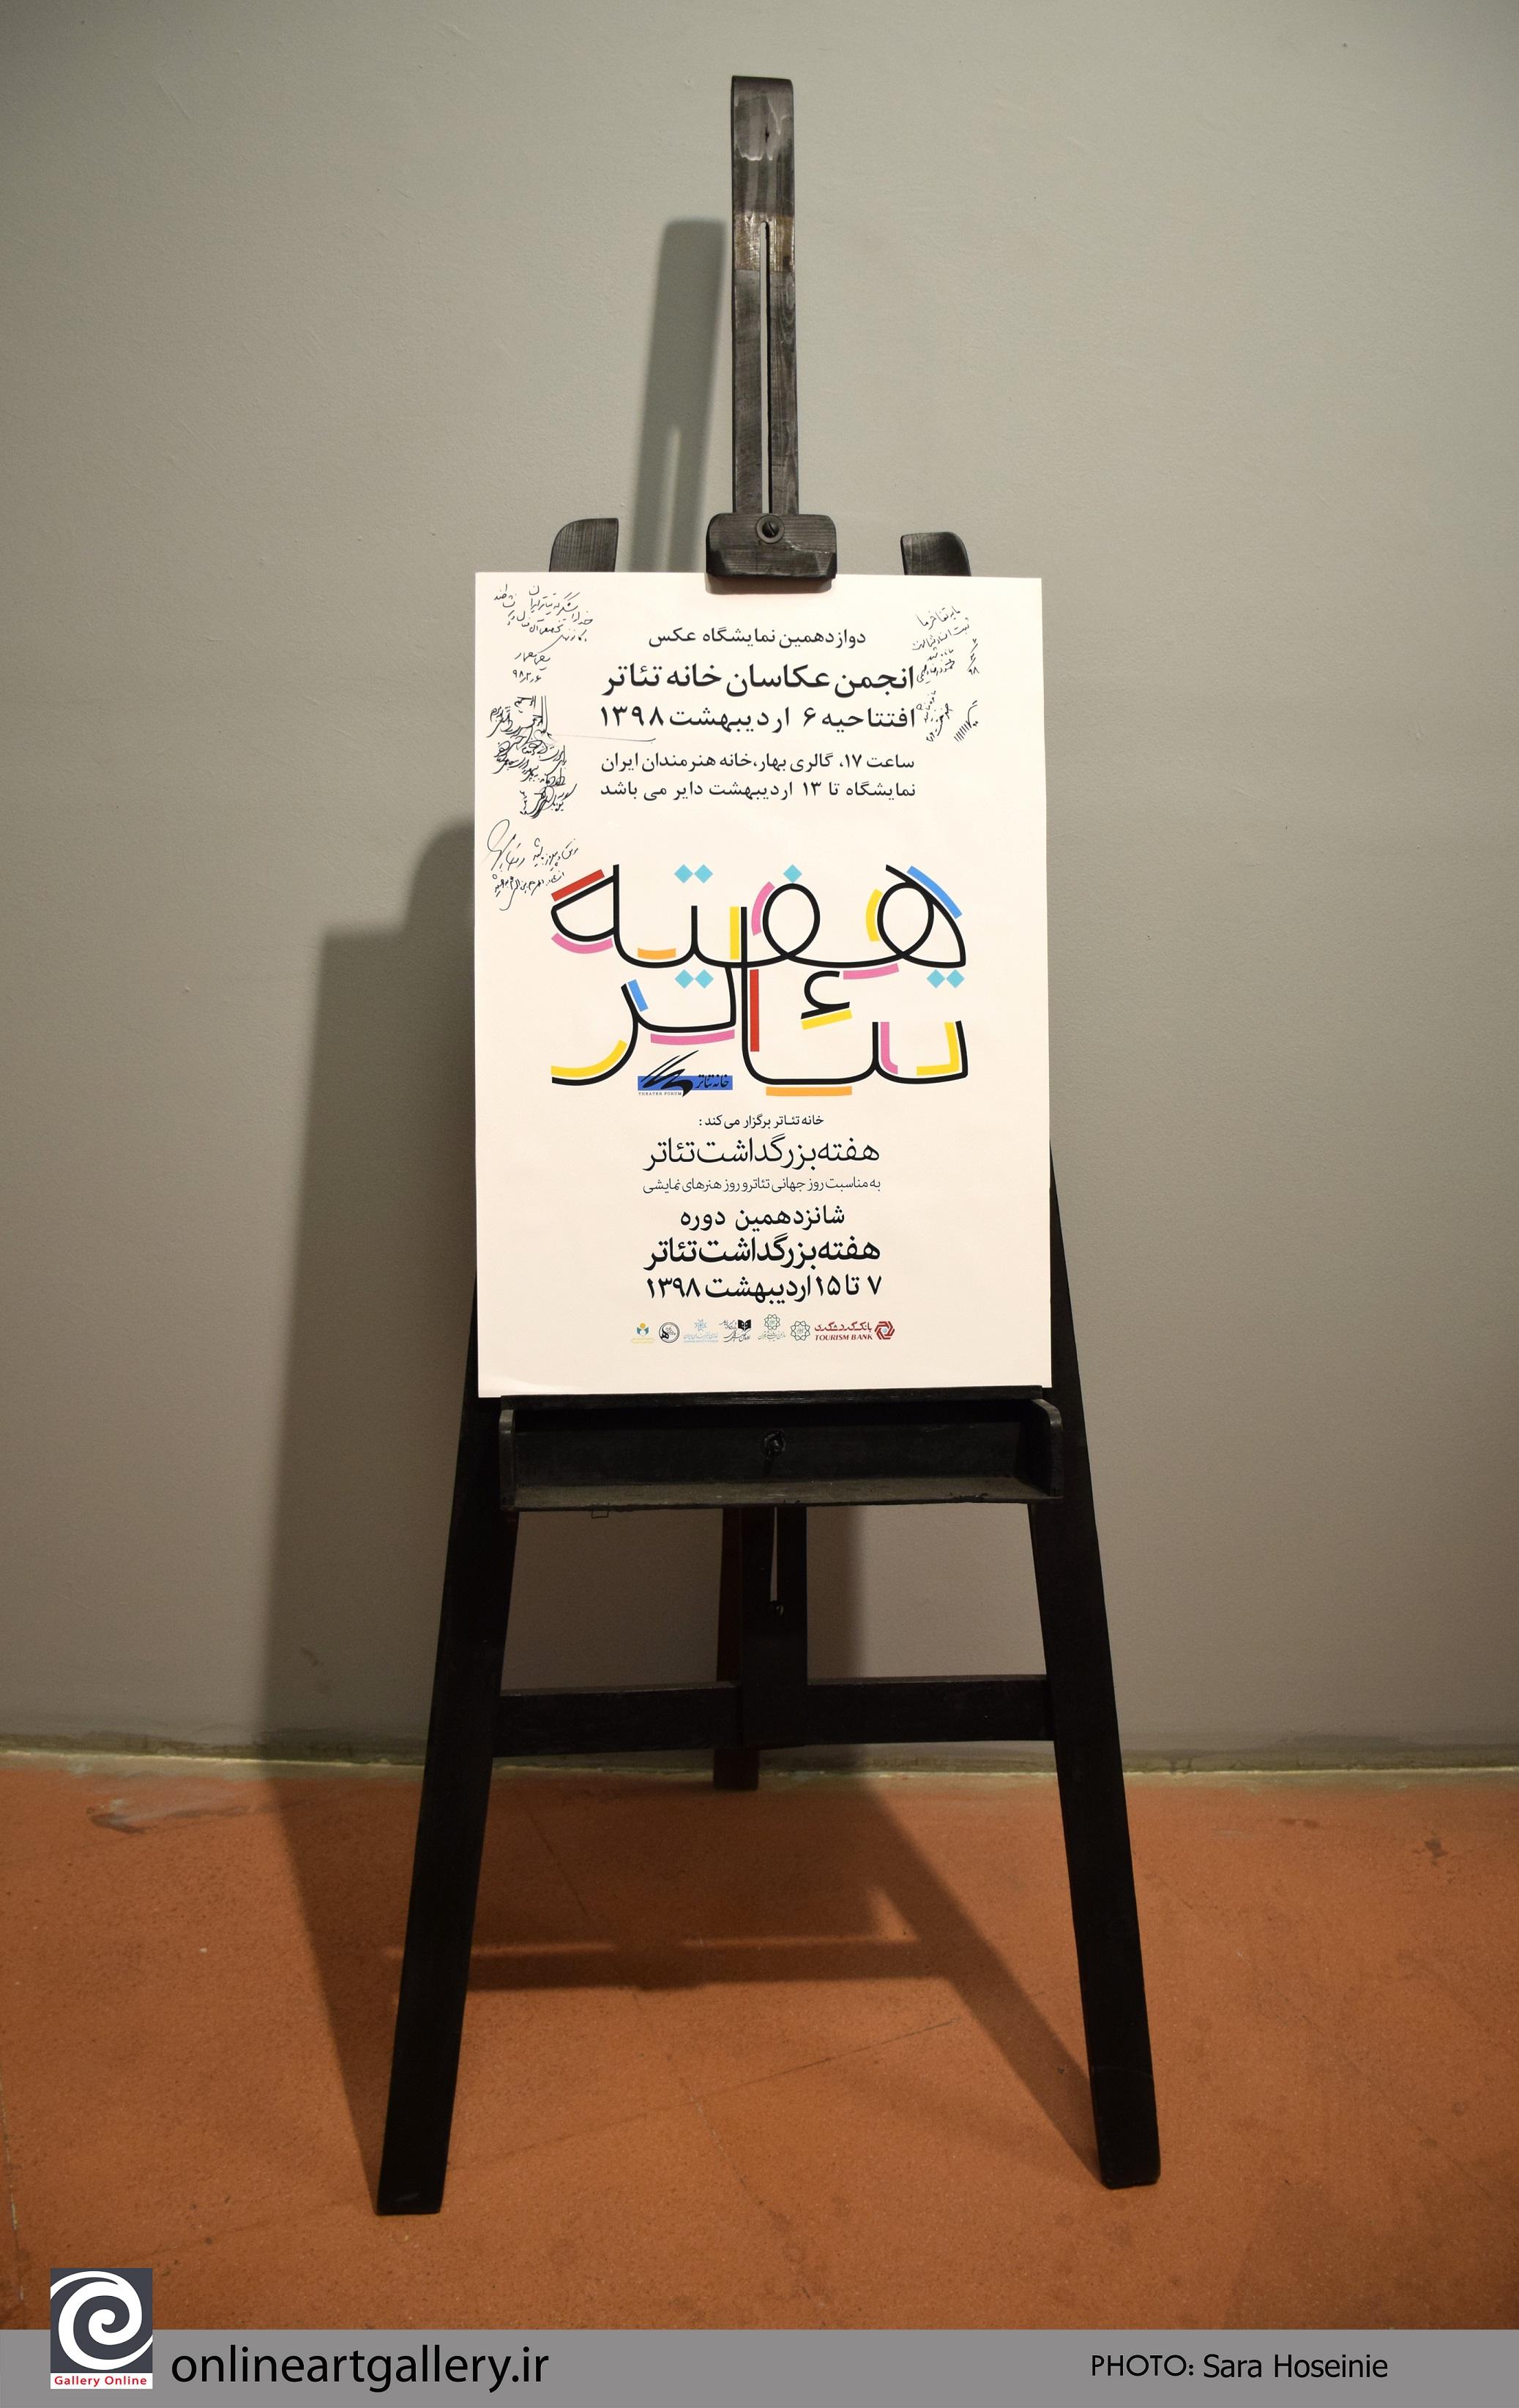 گزارش تصویری انجمن عکاسان خانه تئاتر ایران